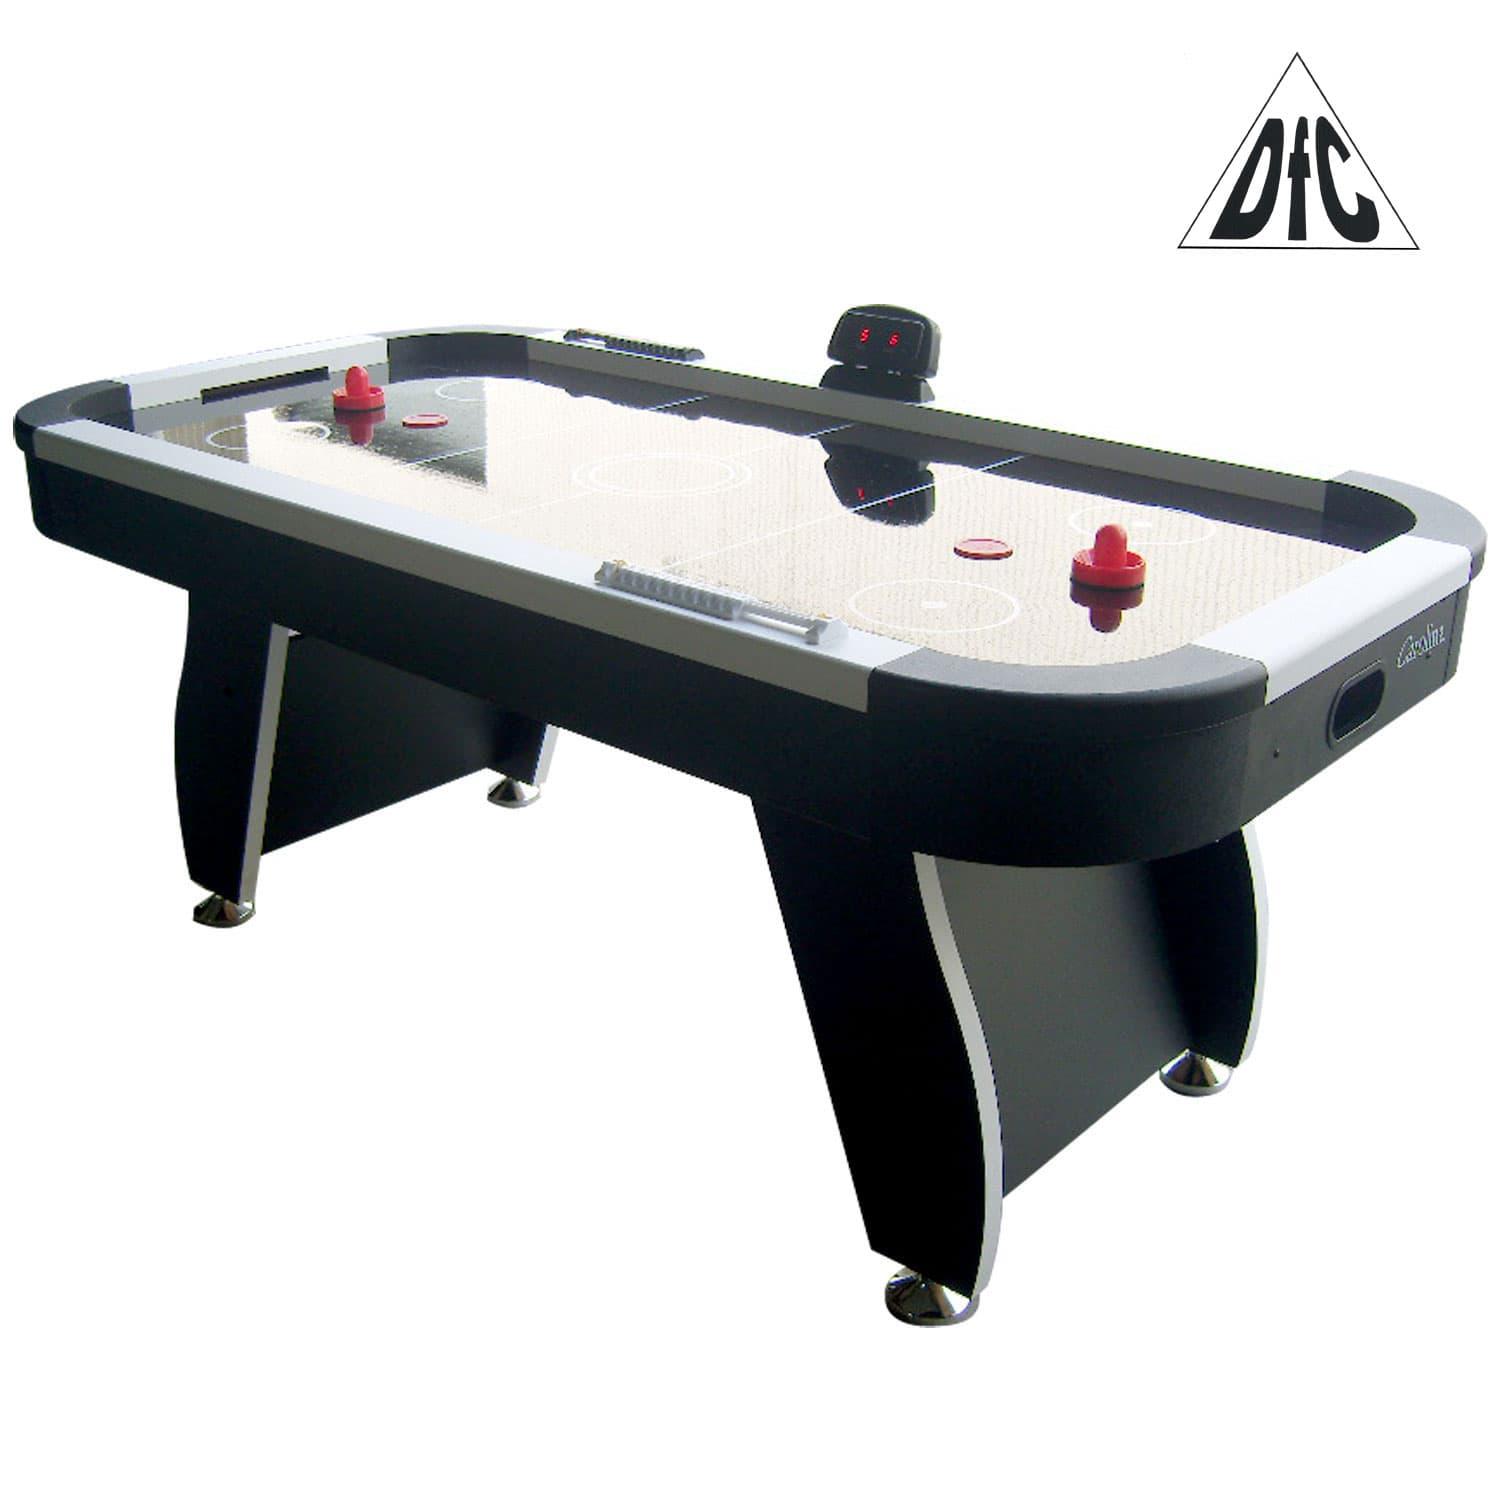 Игровой стол аэрохоккей DFC Carolina - Аэрохоккей, артикул:4729